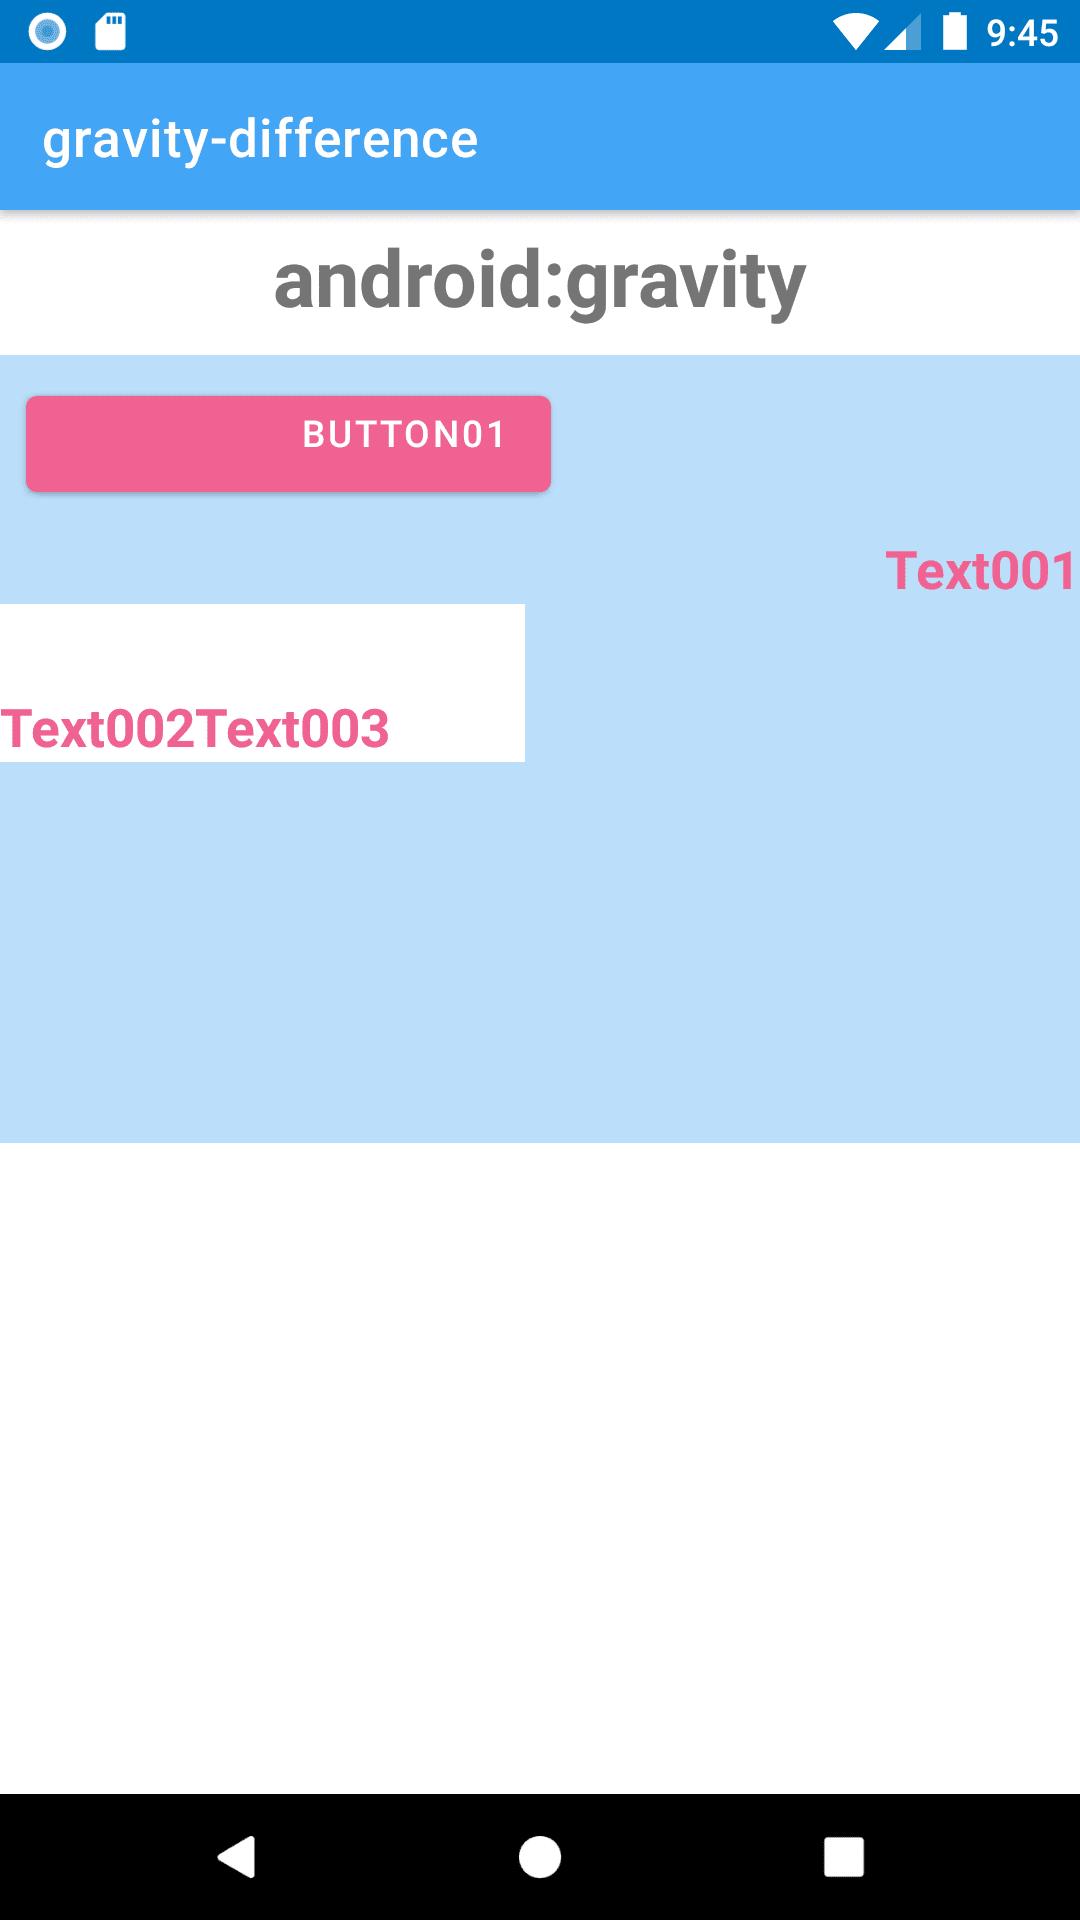 screen_shot_002